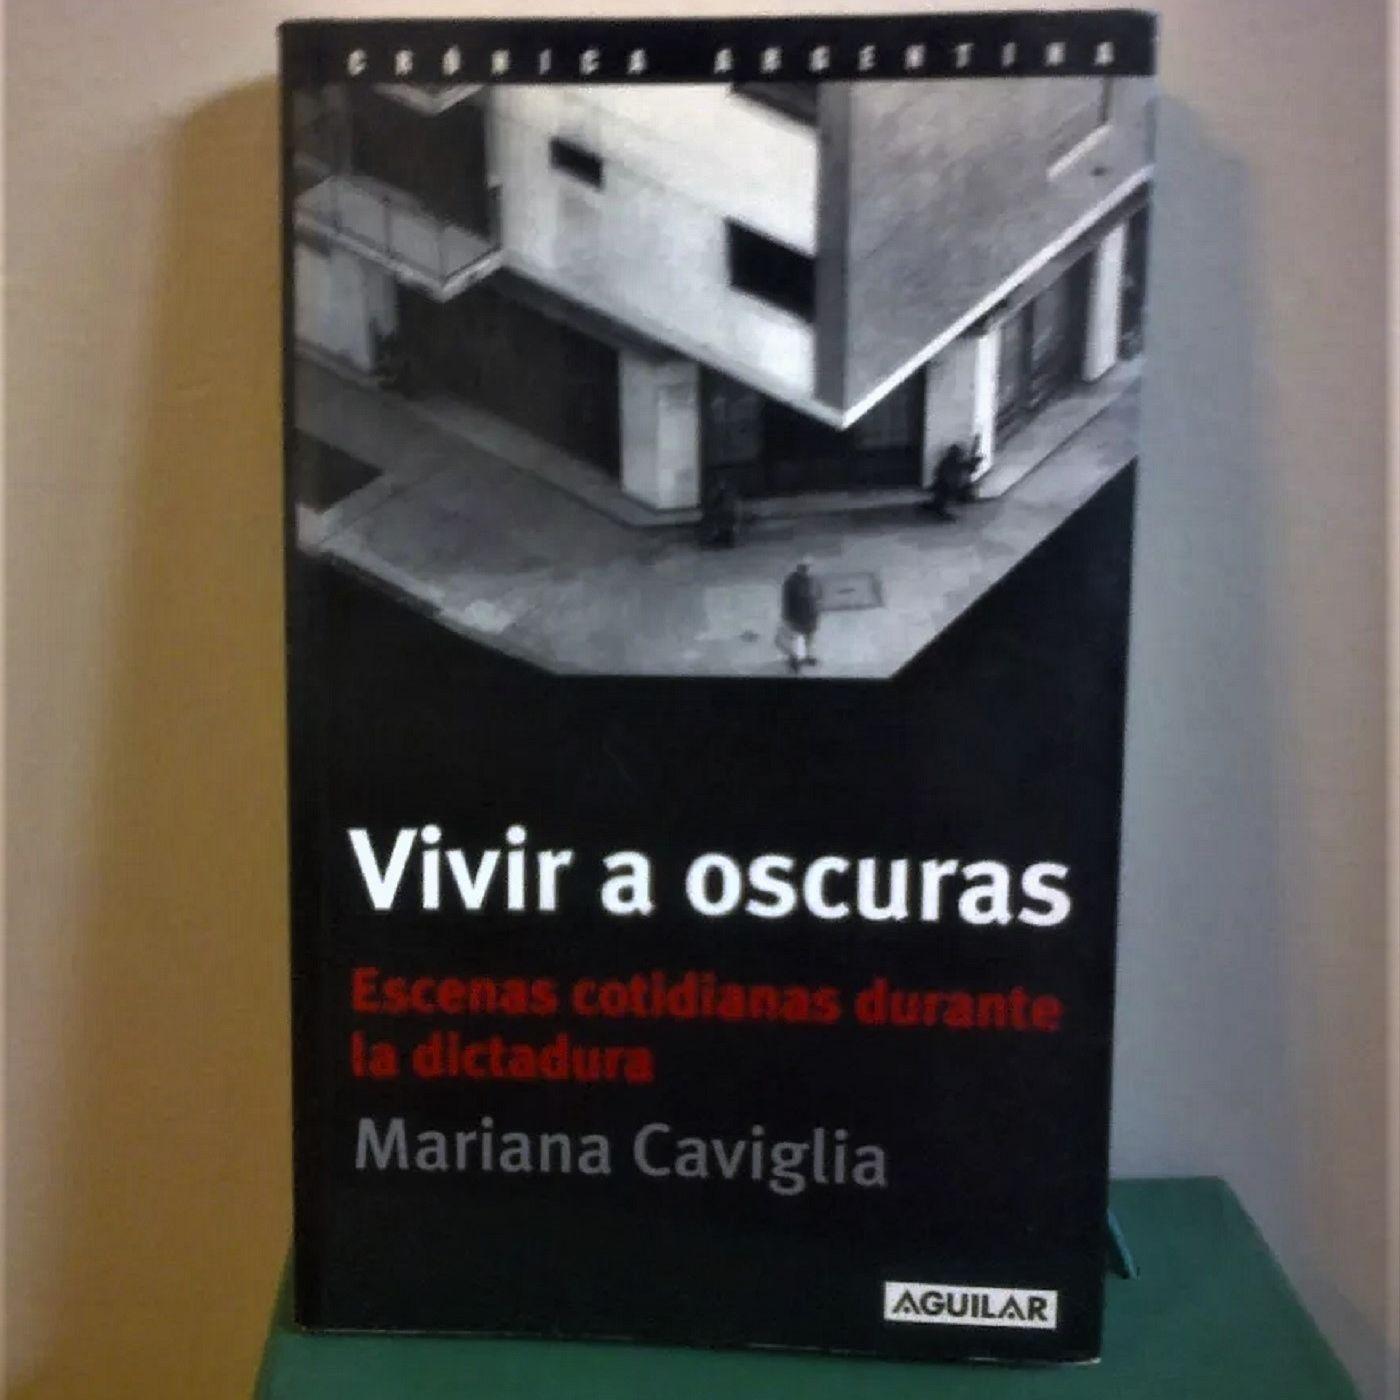 Programa Voces: Vivir a oscuras - Lectura de la dictadura argentina (Julio de 2007)